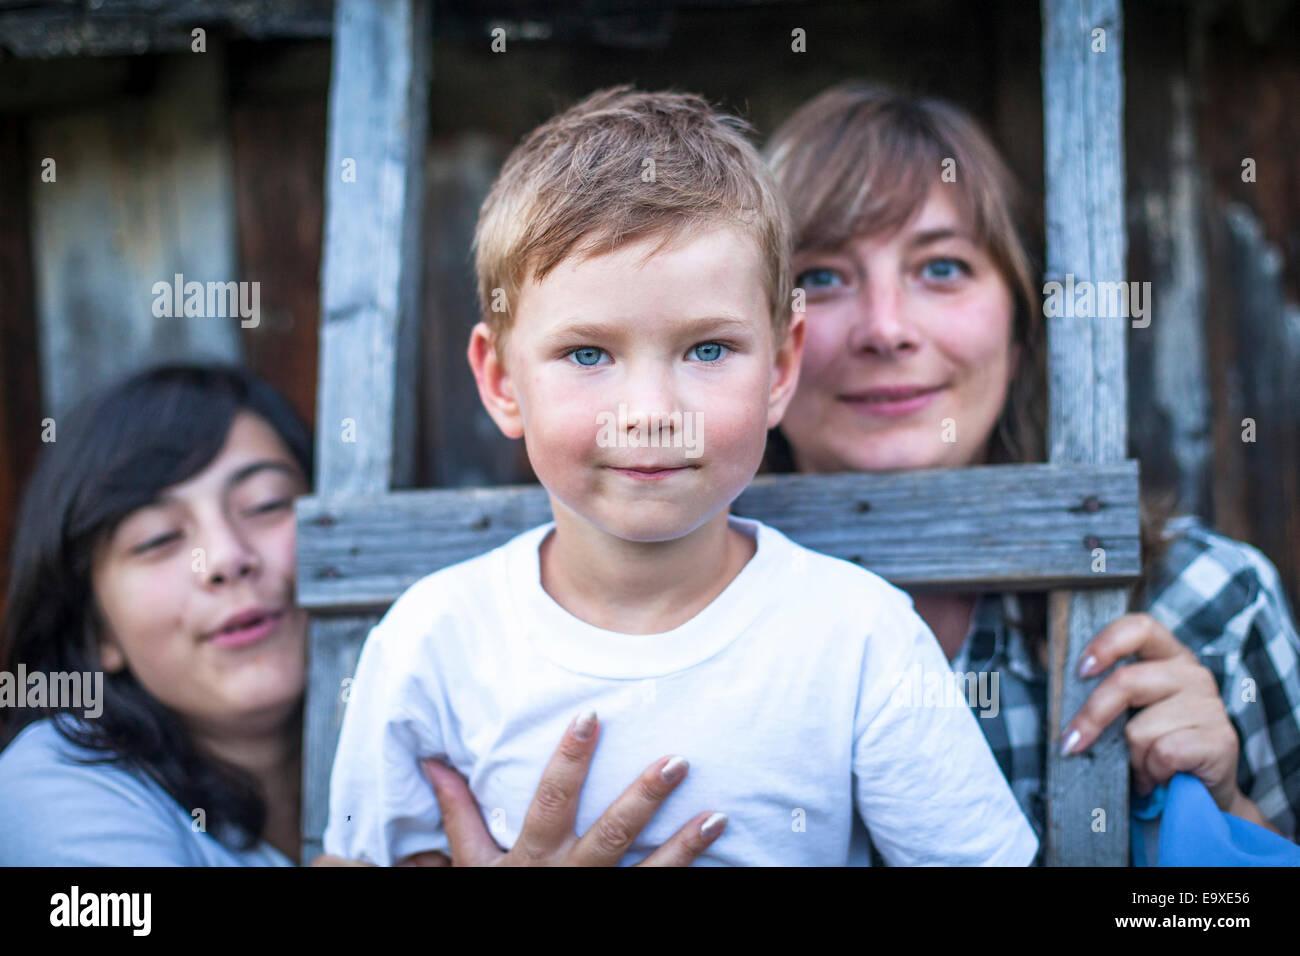 Retrato de un niño de cinco años, con su madre y su hermana mayor en el fondo. Imagen De Stock